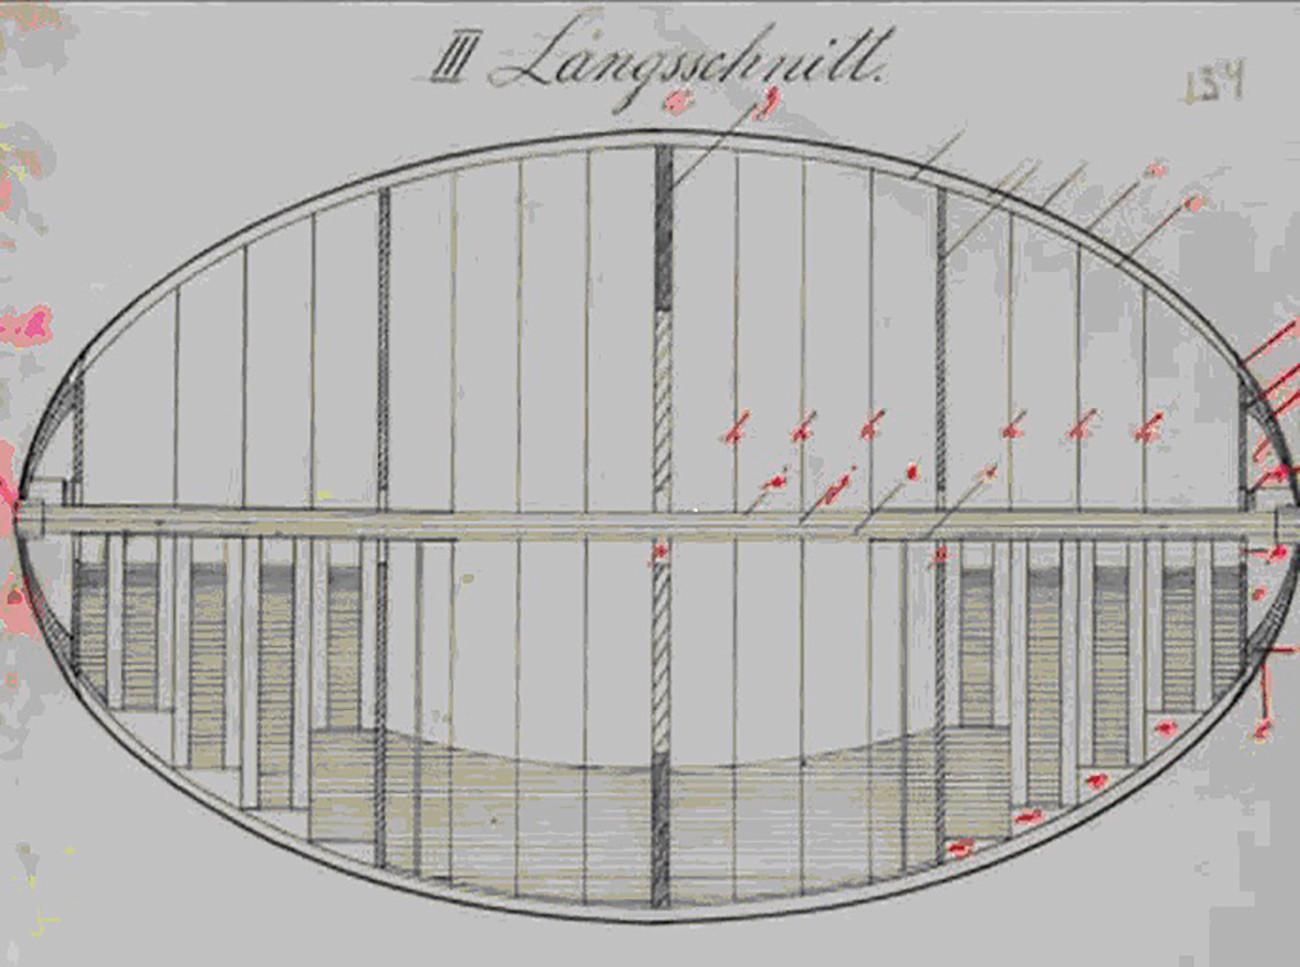 """Foi proposta a construção de uma gigantesca """"cidade"""" de metal em forma oval que rolaria e pulverizaria o inimigo."""